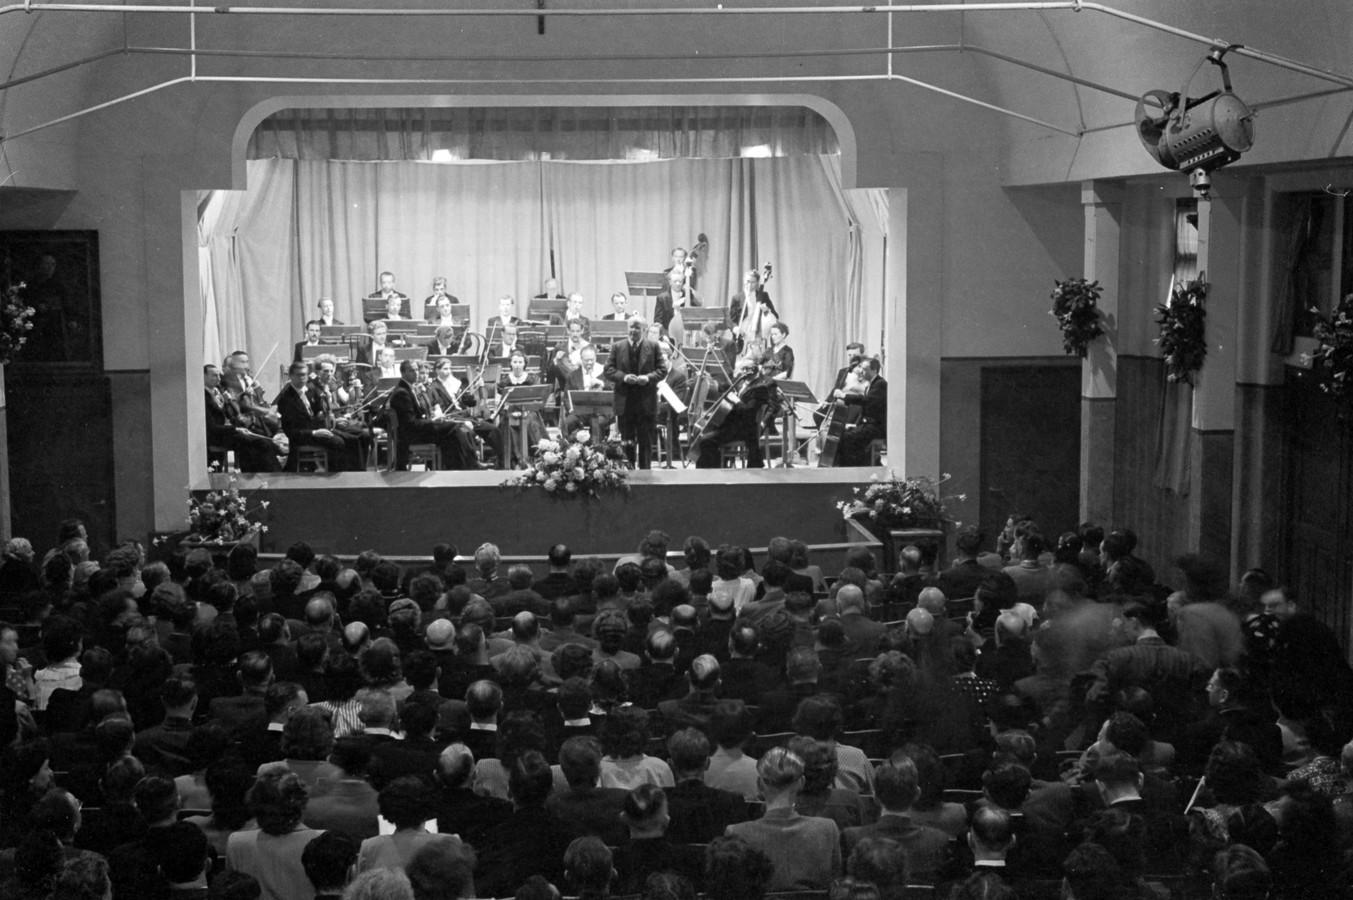 Concert van het Brabants orkest o.l.v. Hein Jordans in het Bondsgebouw (1950)